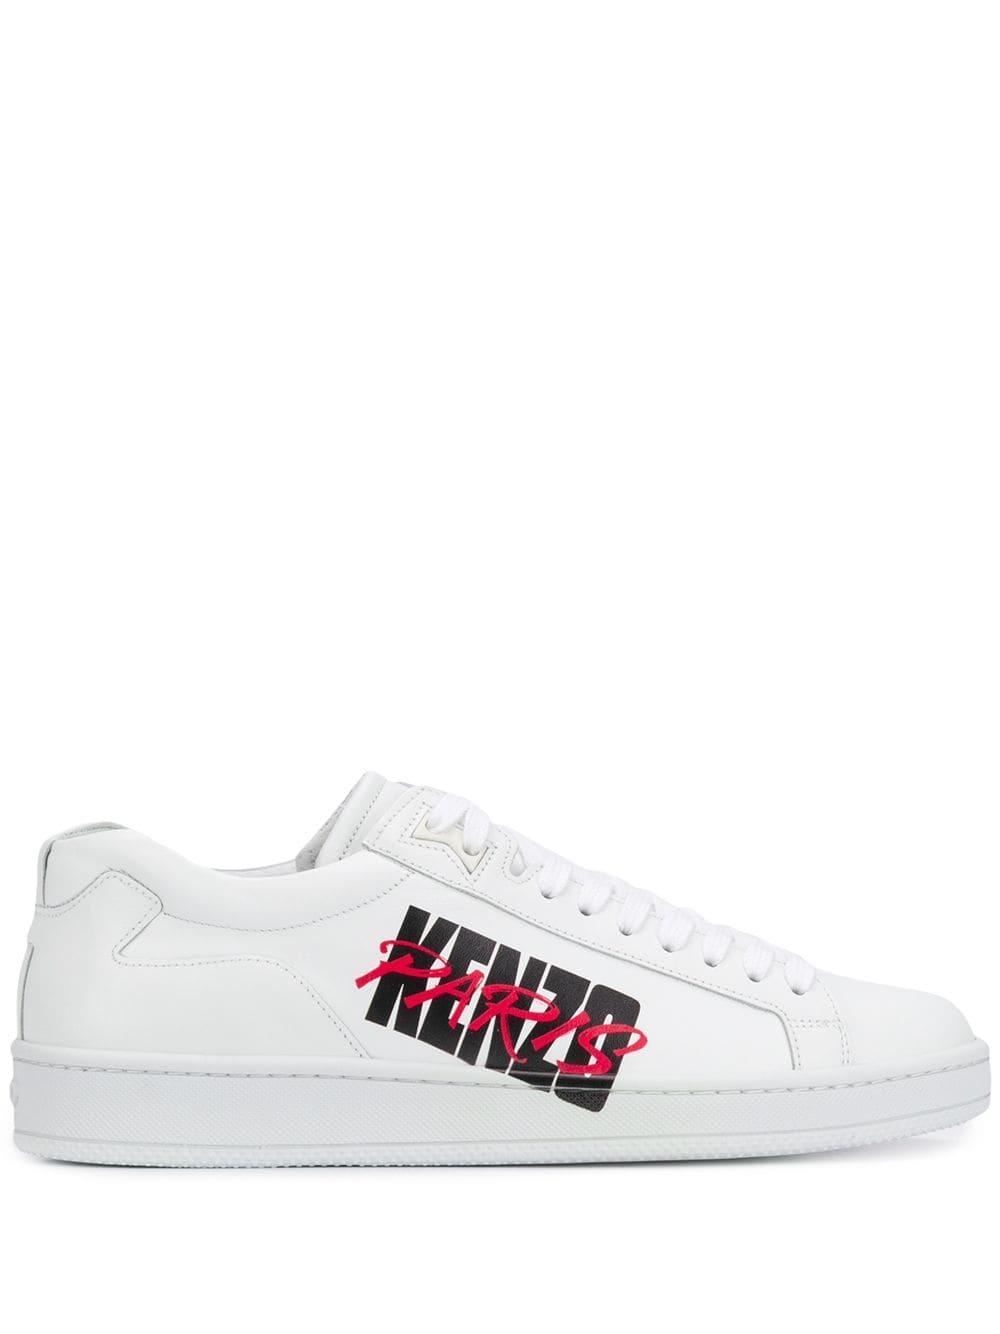 Kenzo Paris运动鞋 In White | ModeSens